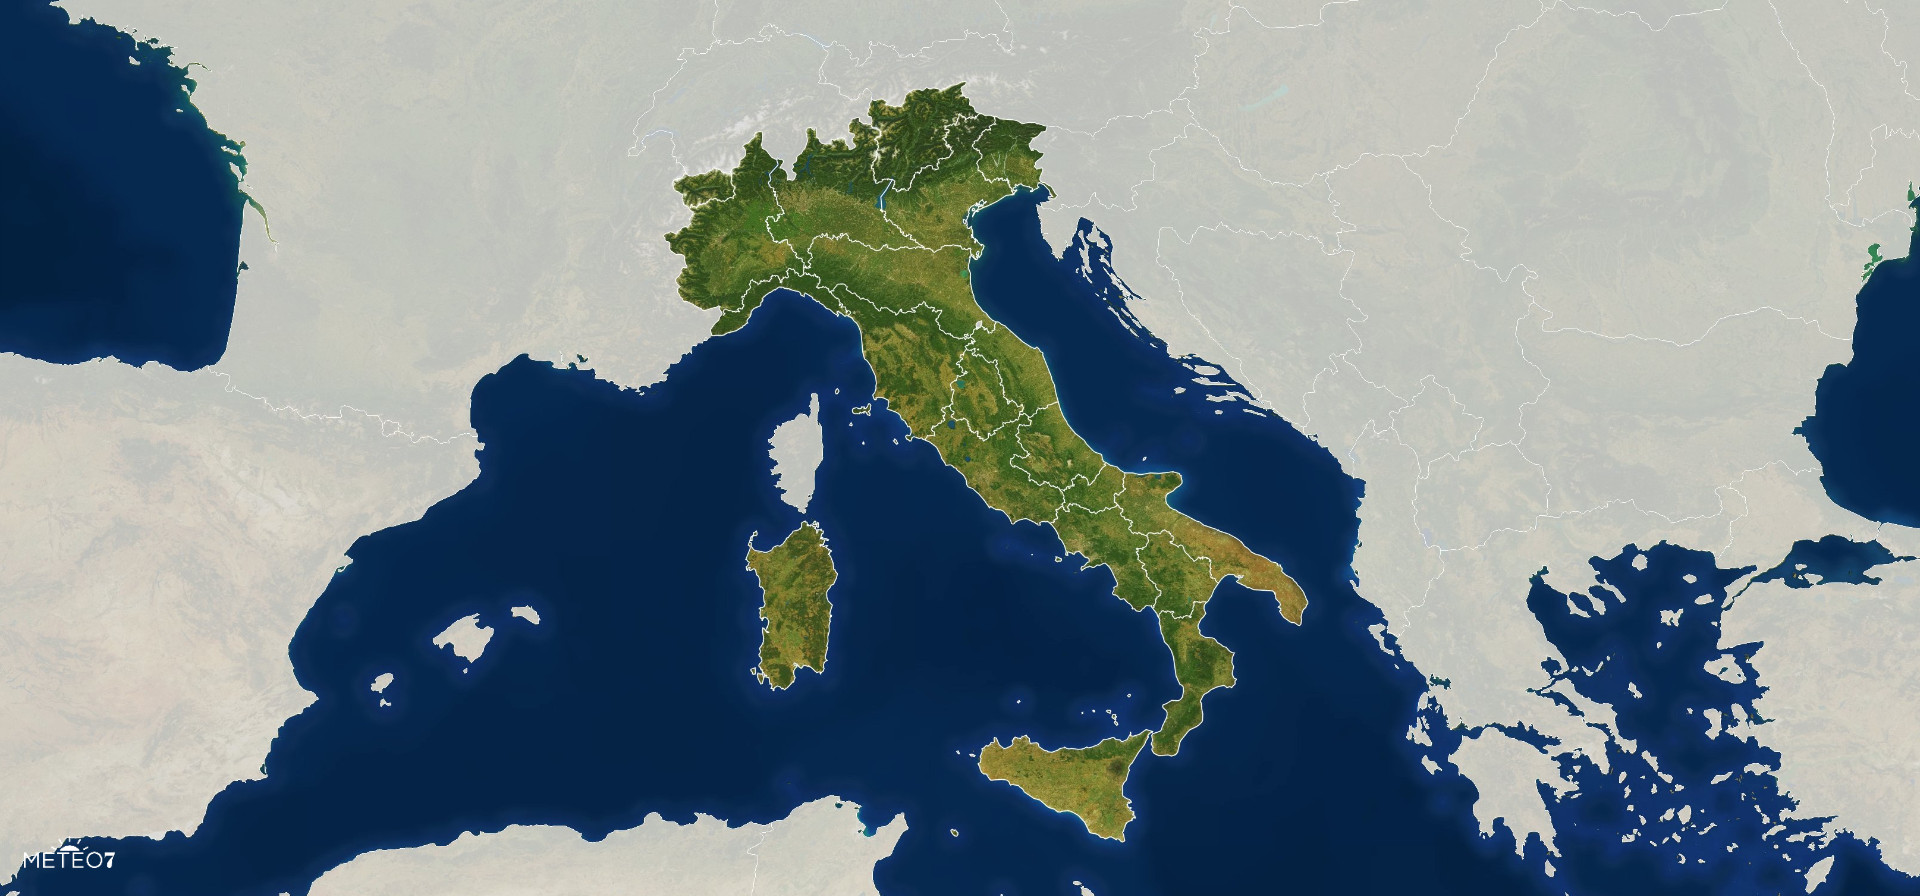 Meteo Italia Cartina.Meteo Italia Previsioni Per I Prossimi Giorni Meteo7